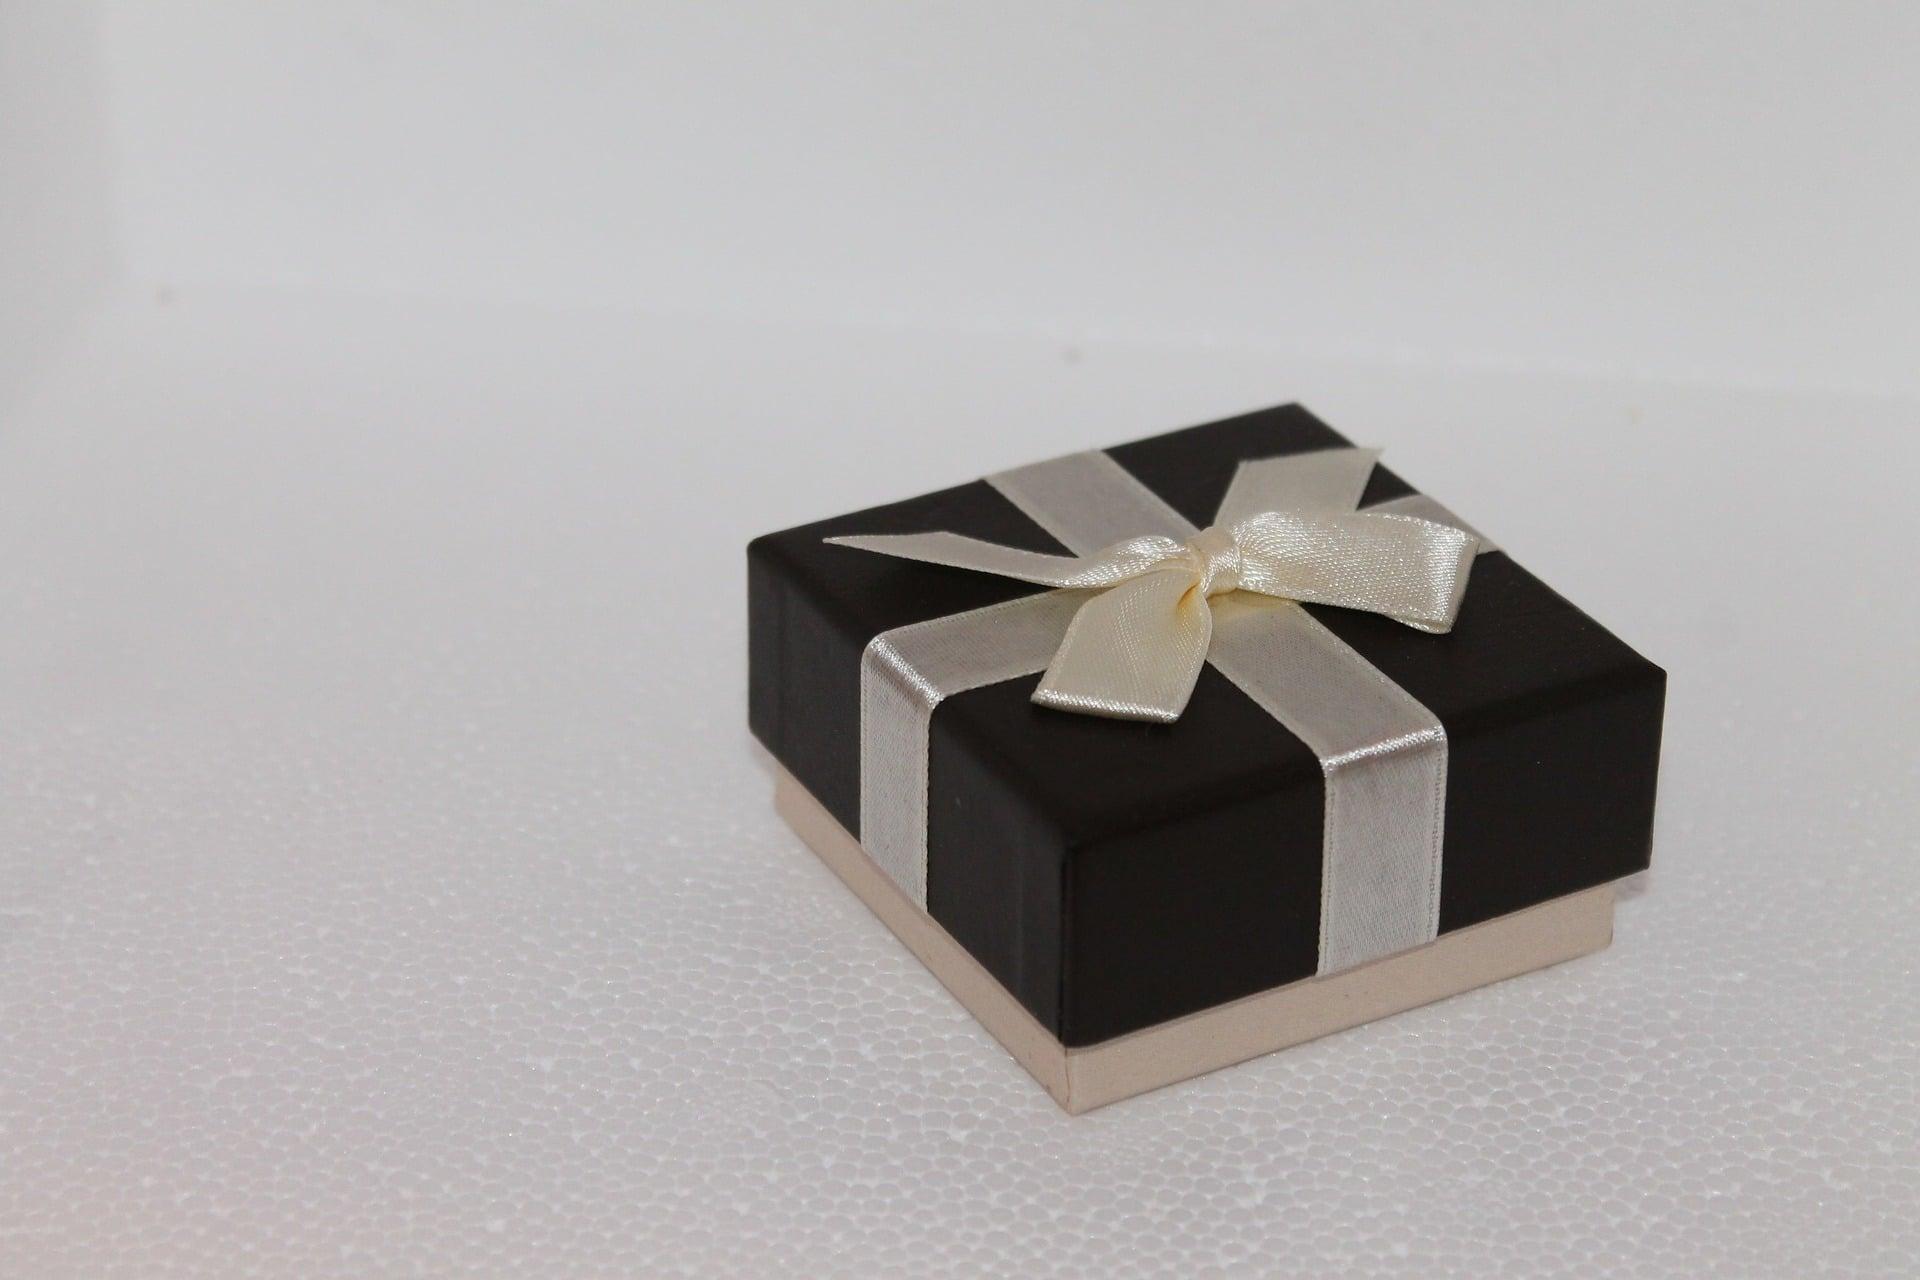 Dzień Ojca - doradzamy, co kupić na prezent